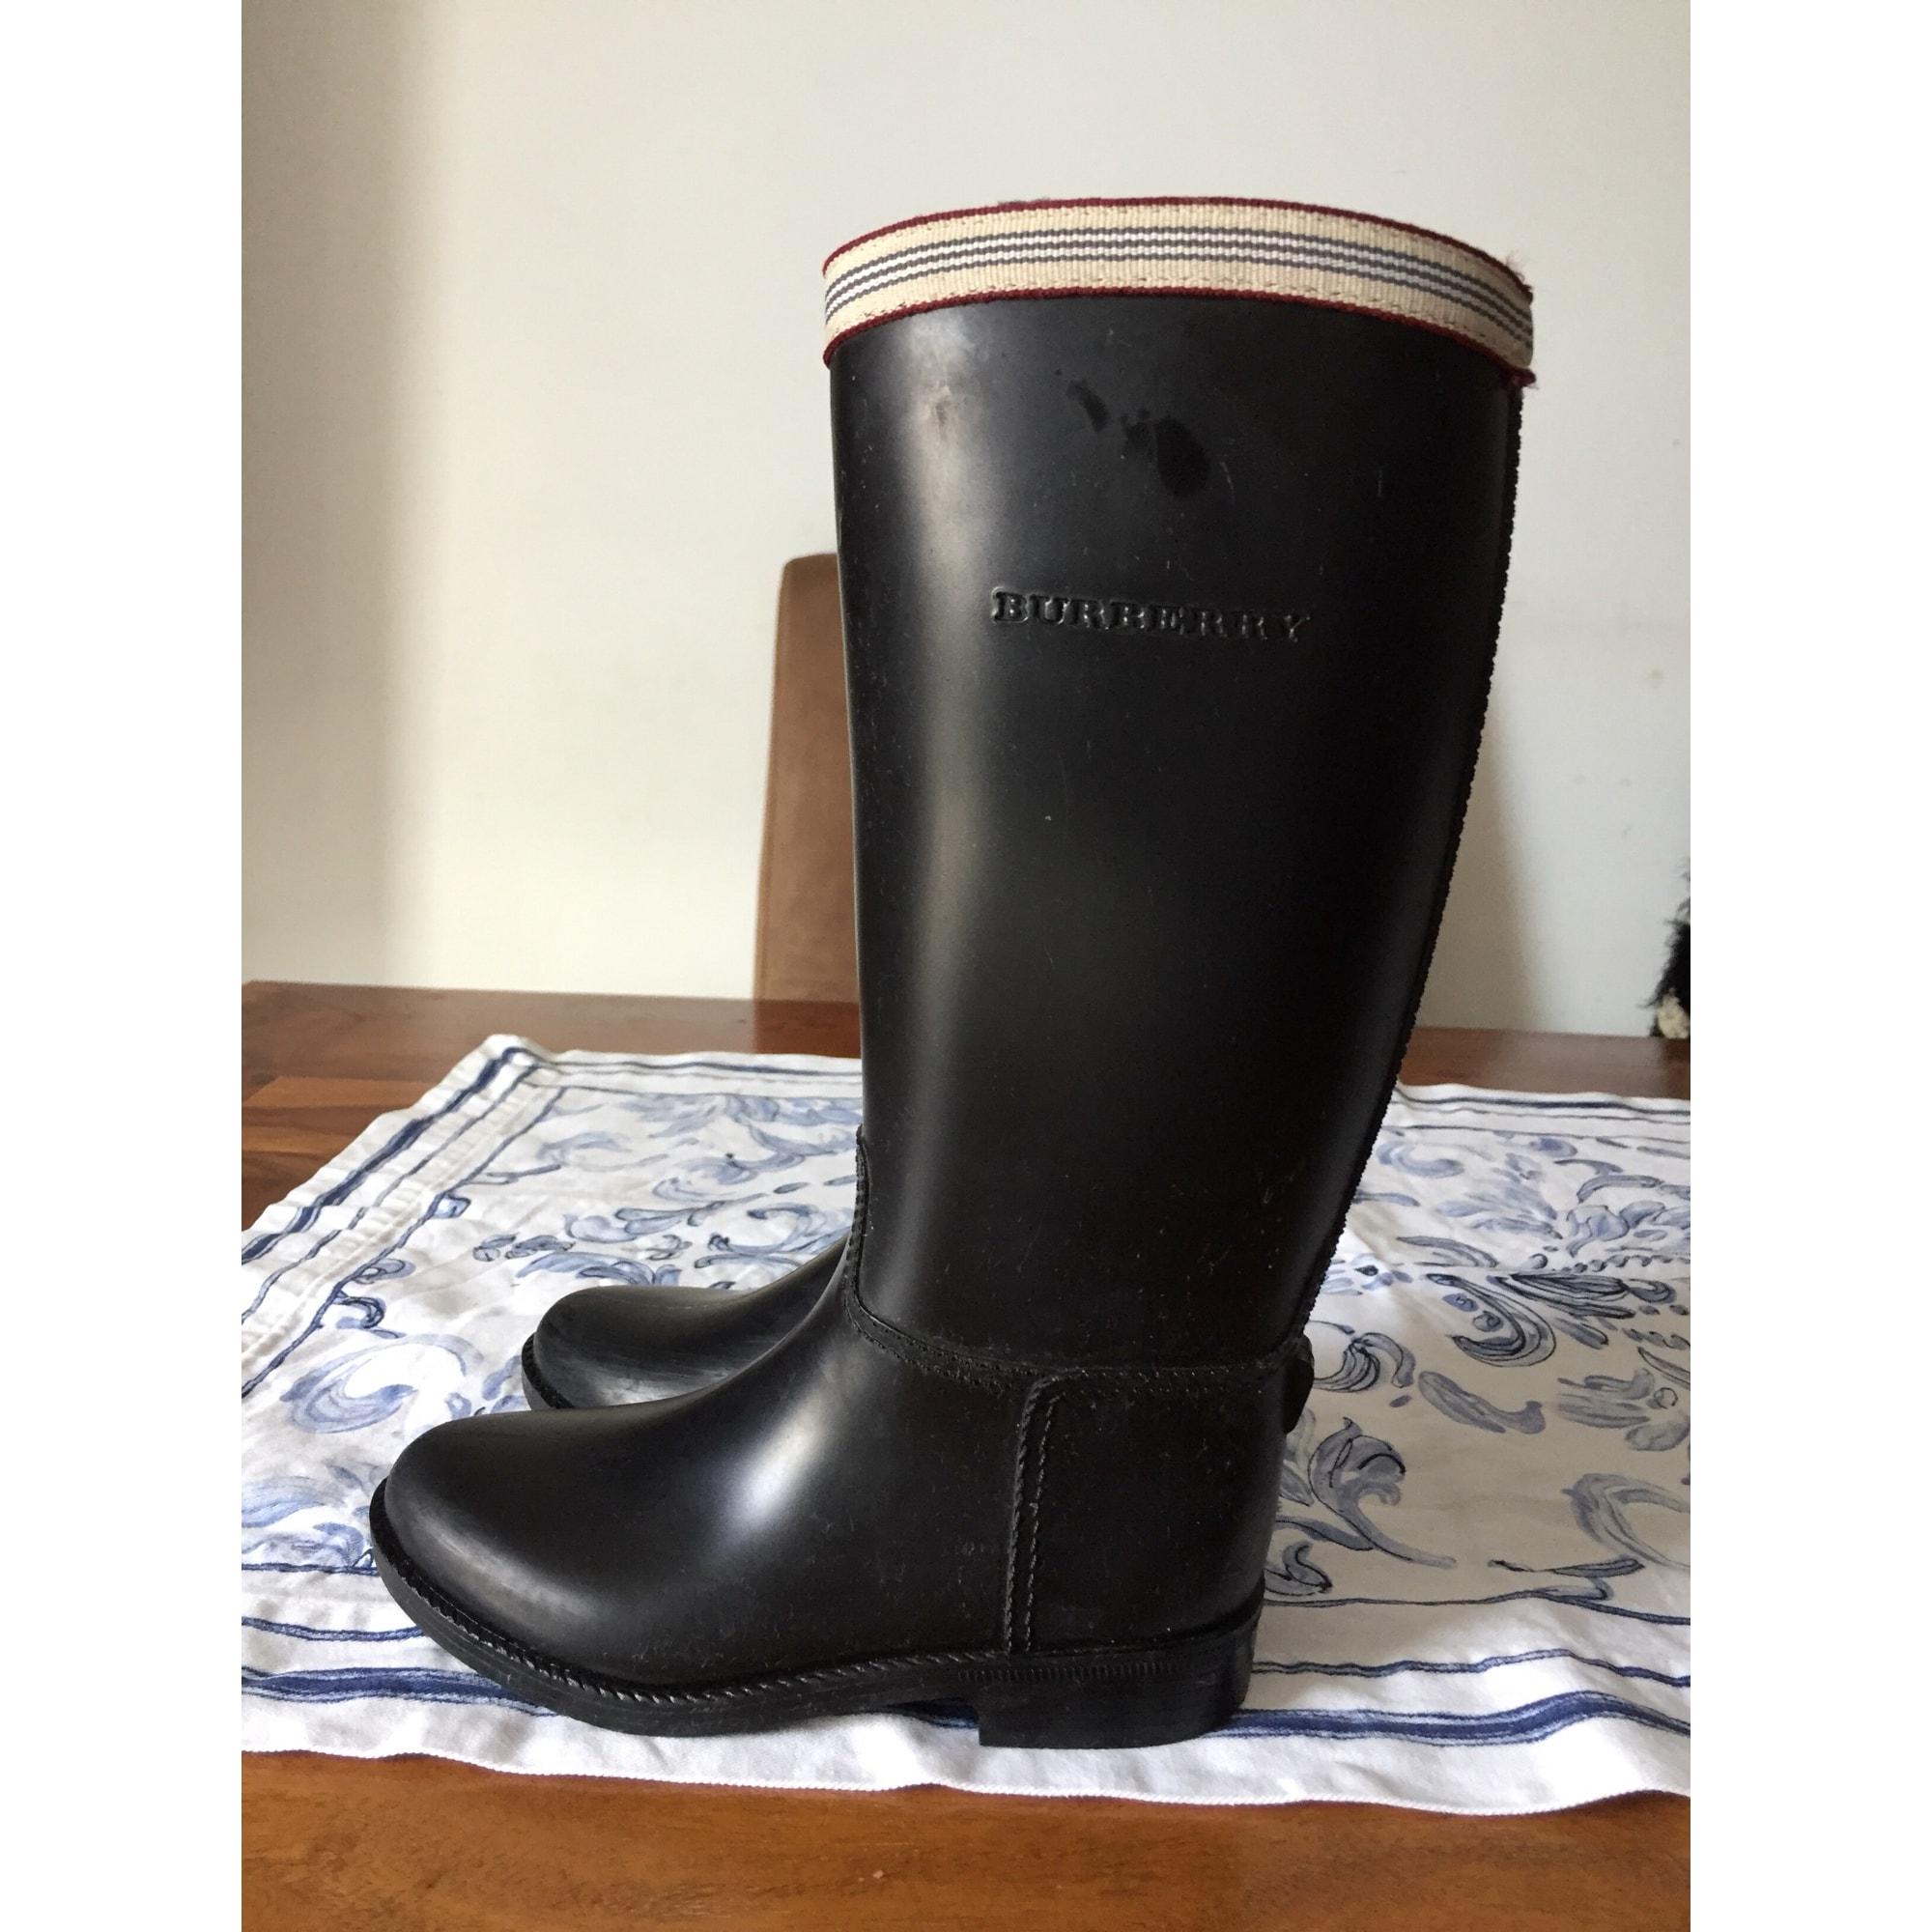 Bottes de pluie BURBERRY caoutchouc noir 28